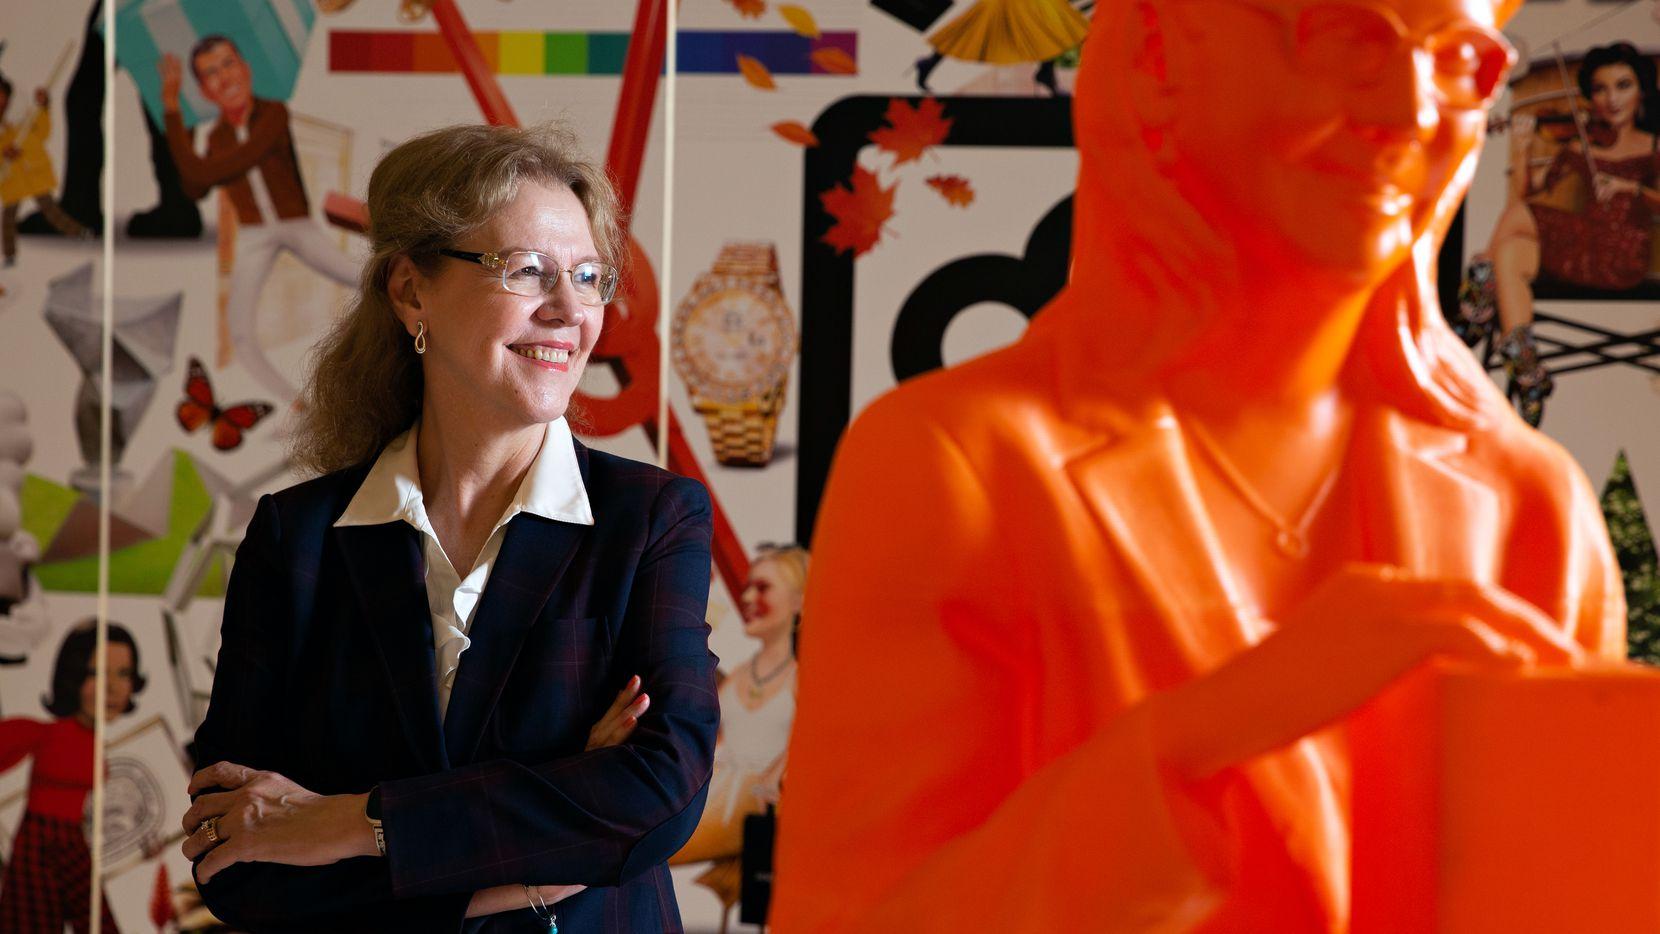 La doctora Minerva Cordero es una de 125 mujeres incluidas en la exhibición #IfThenSheCan, que busca distinguir a mujeres líderes en STEM. Su estatua 3D naranja se encuentra en NorthPark Center en Dallas, Texas. (Shelby Tauber/Special Contributor)